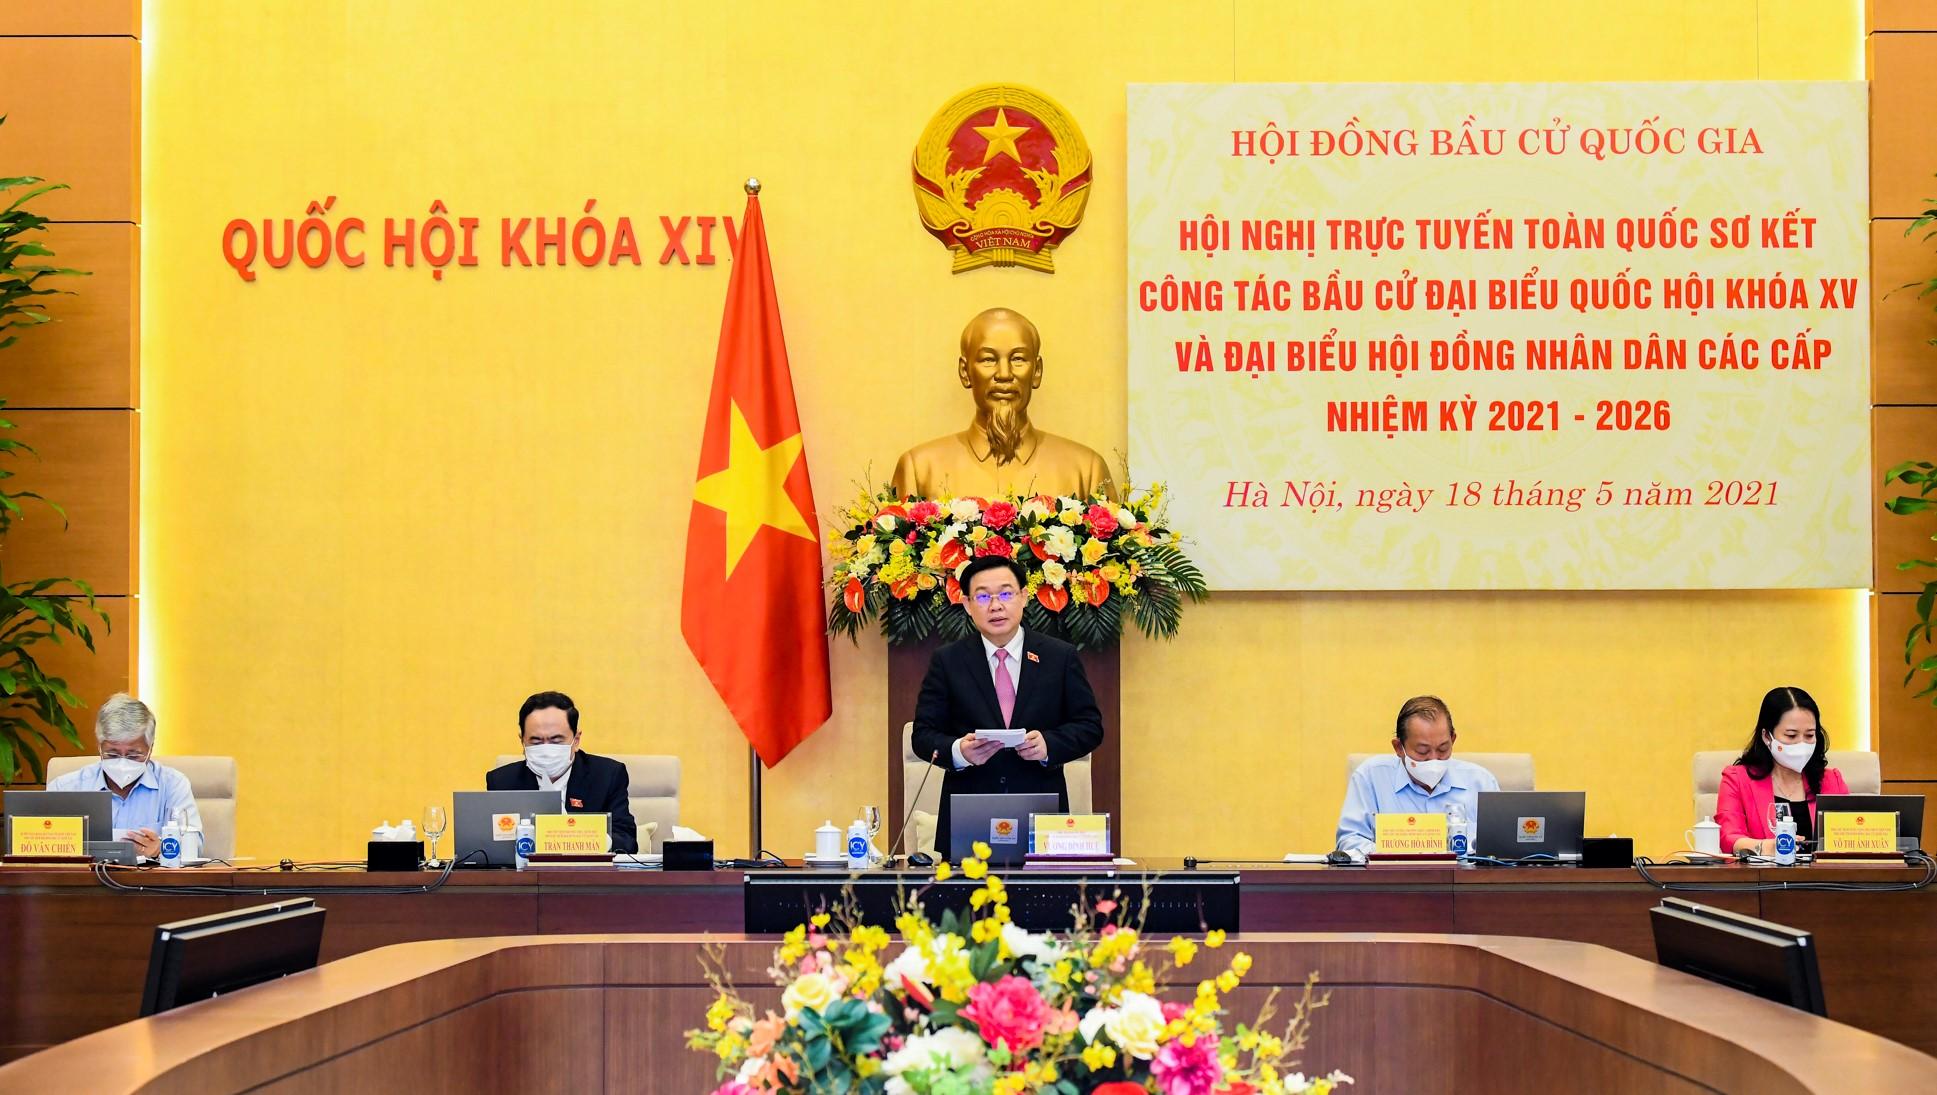 Chủ tịch Quốc hội Vương Đình Huệ: Sẵn sàng cho tổ chức bầu cử vào ngày 23/5